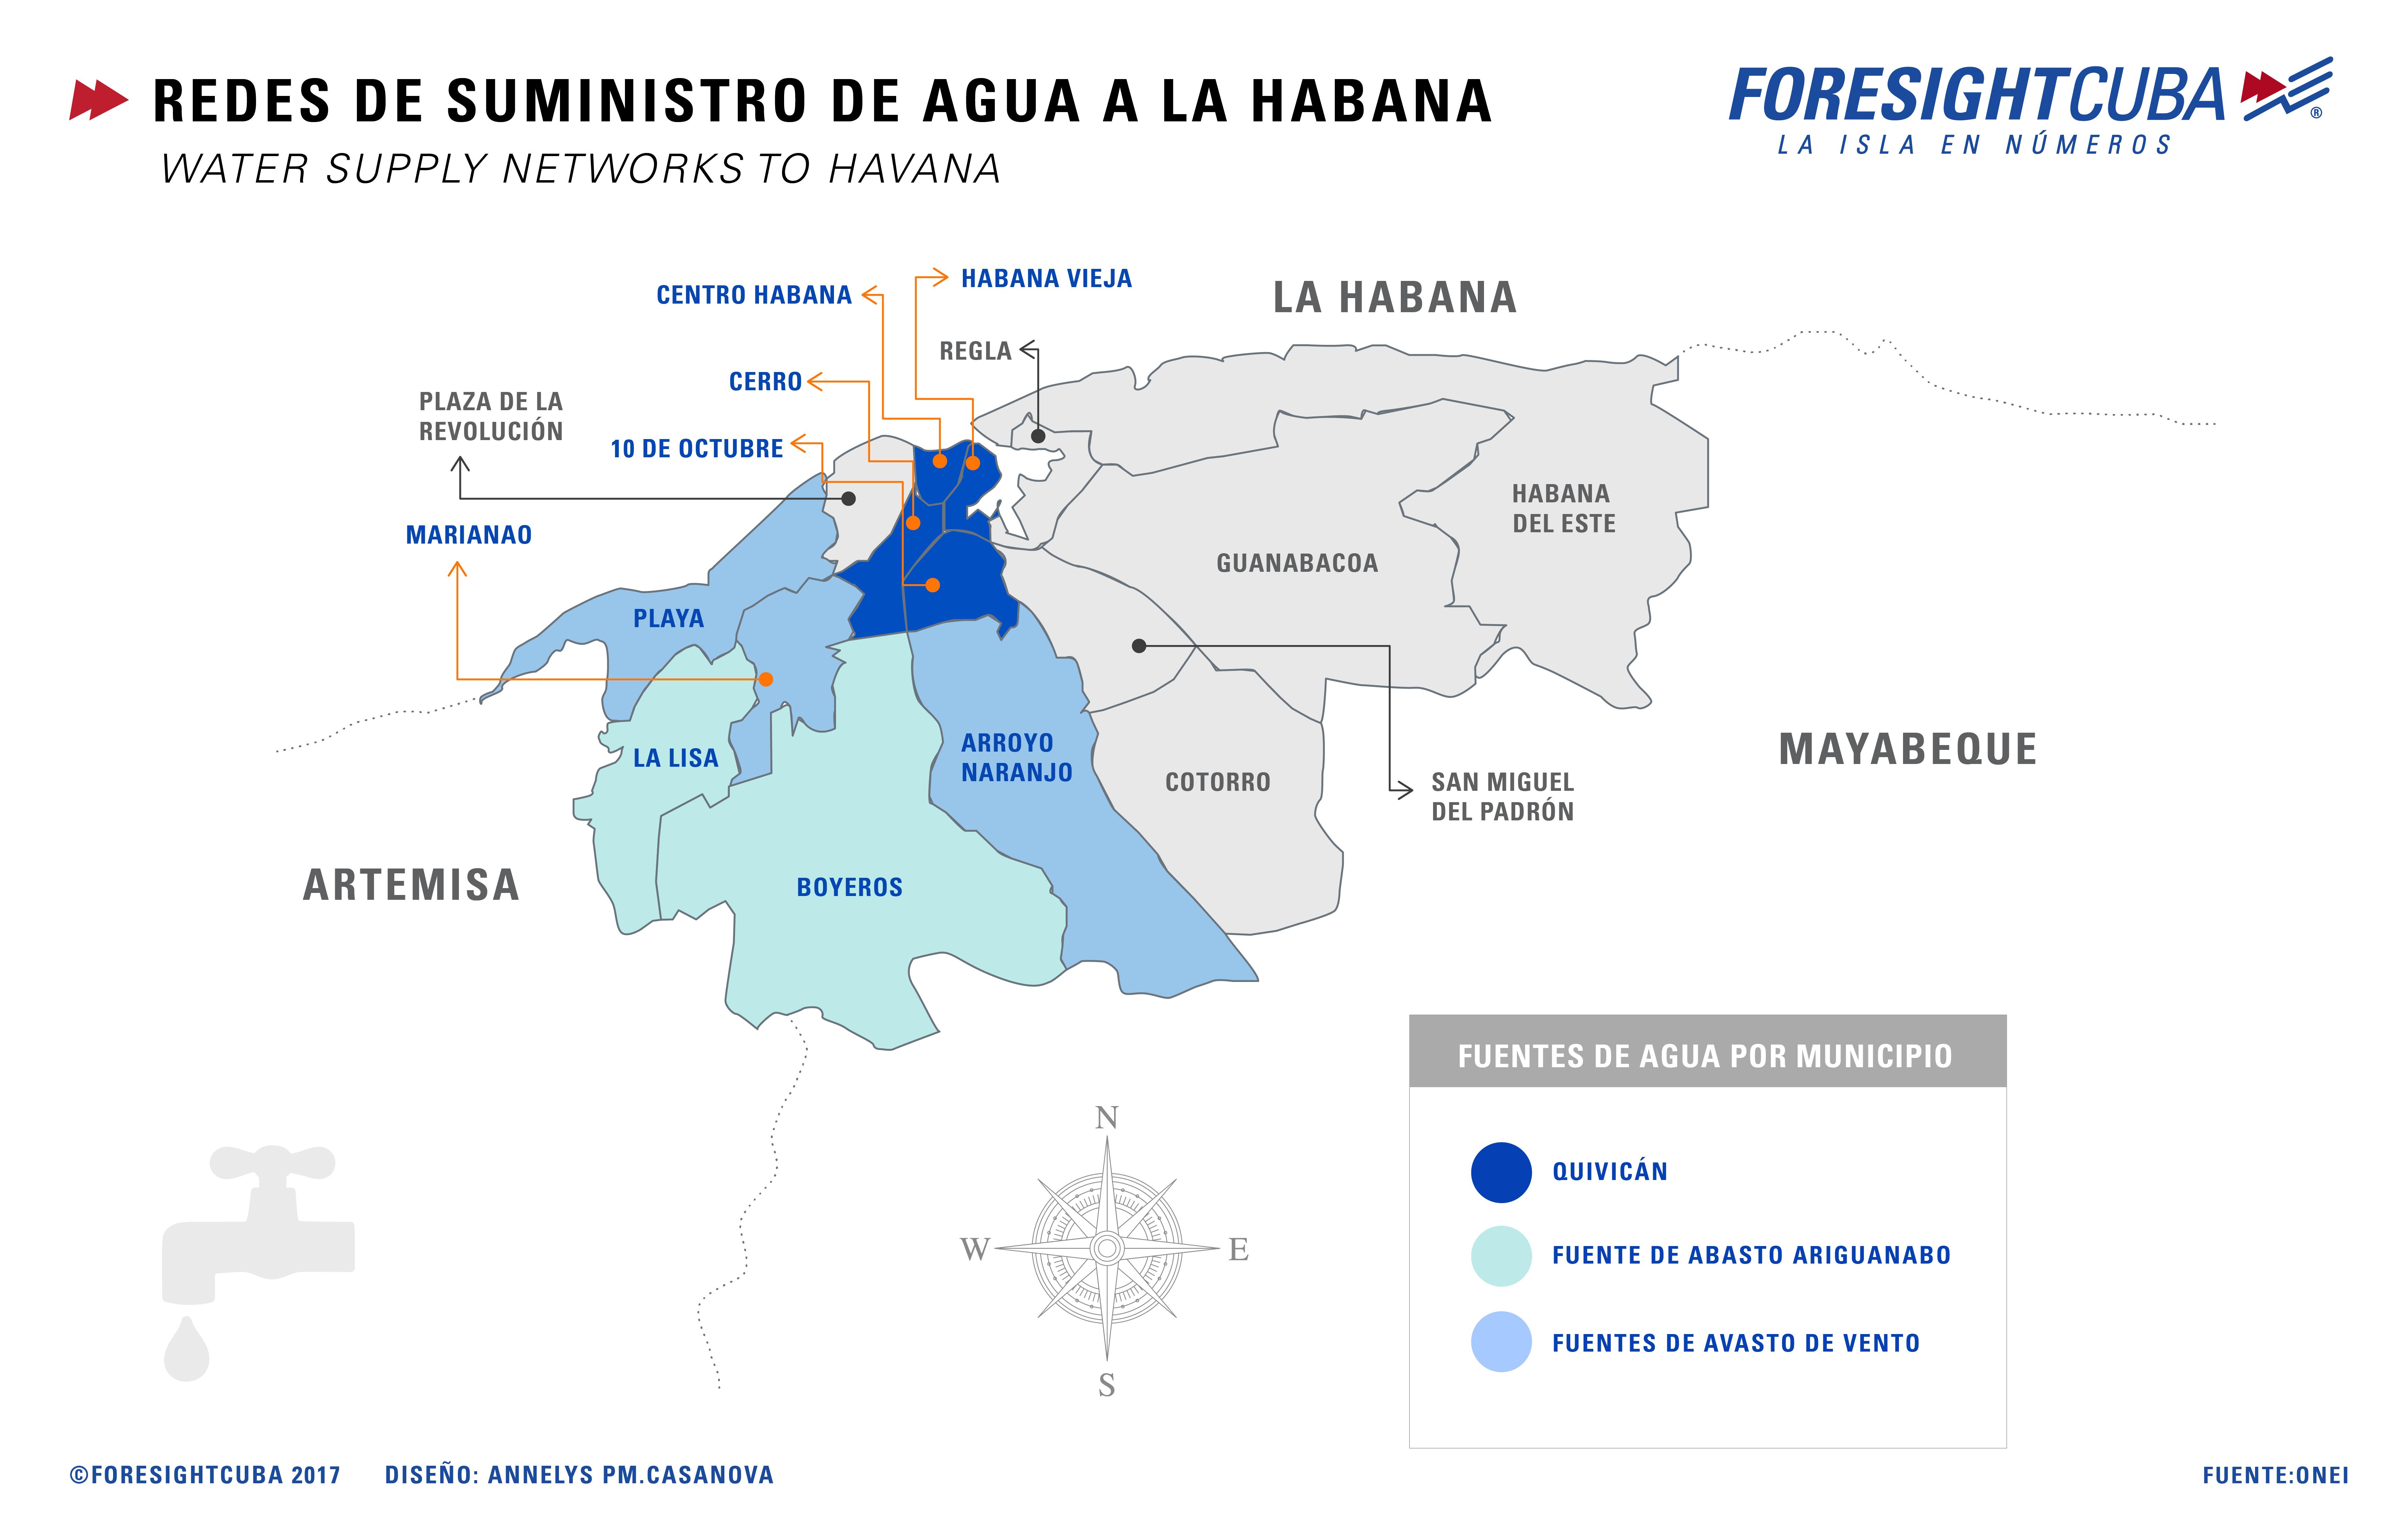 Fuentes de agua hacia La Habana Cuba datos y estadísticas